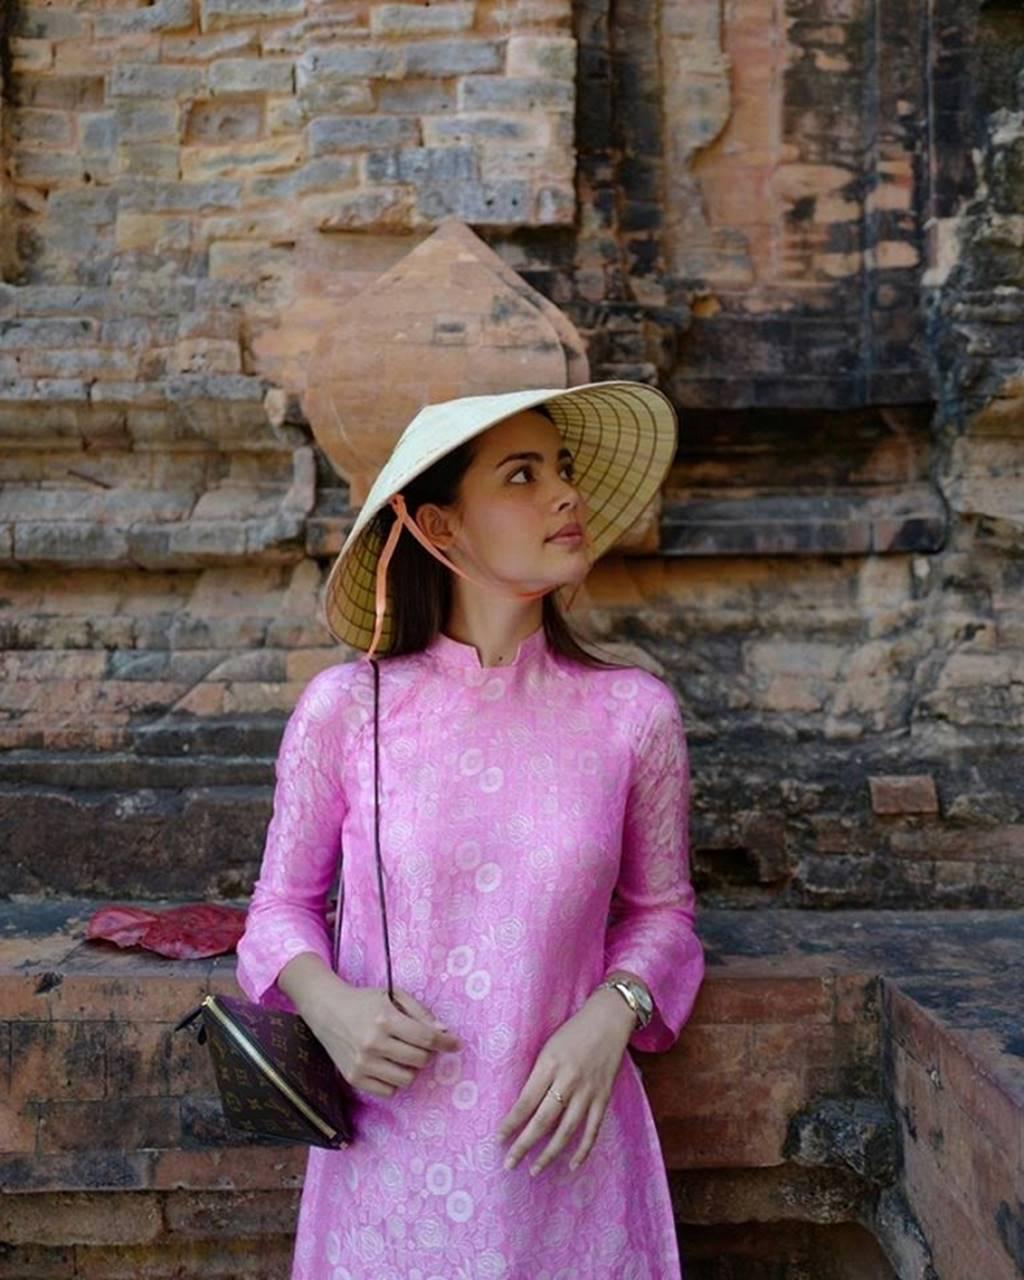 Mê mẩn trước nhan sắc ngọc nữ xứ Chùa Vàng diện áo dài vừa du lịch ở Việt Nam-1